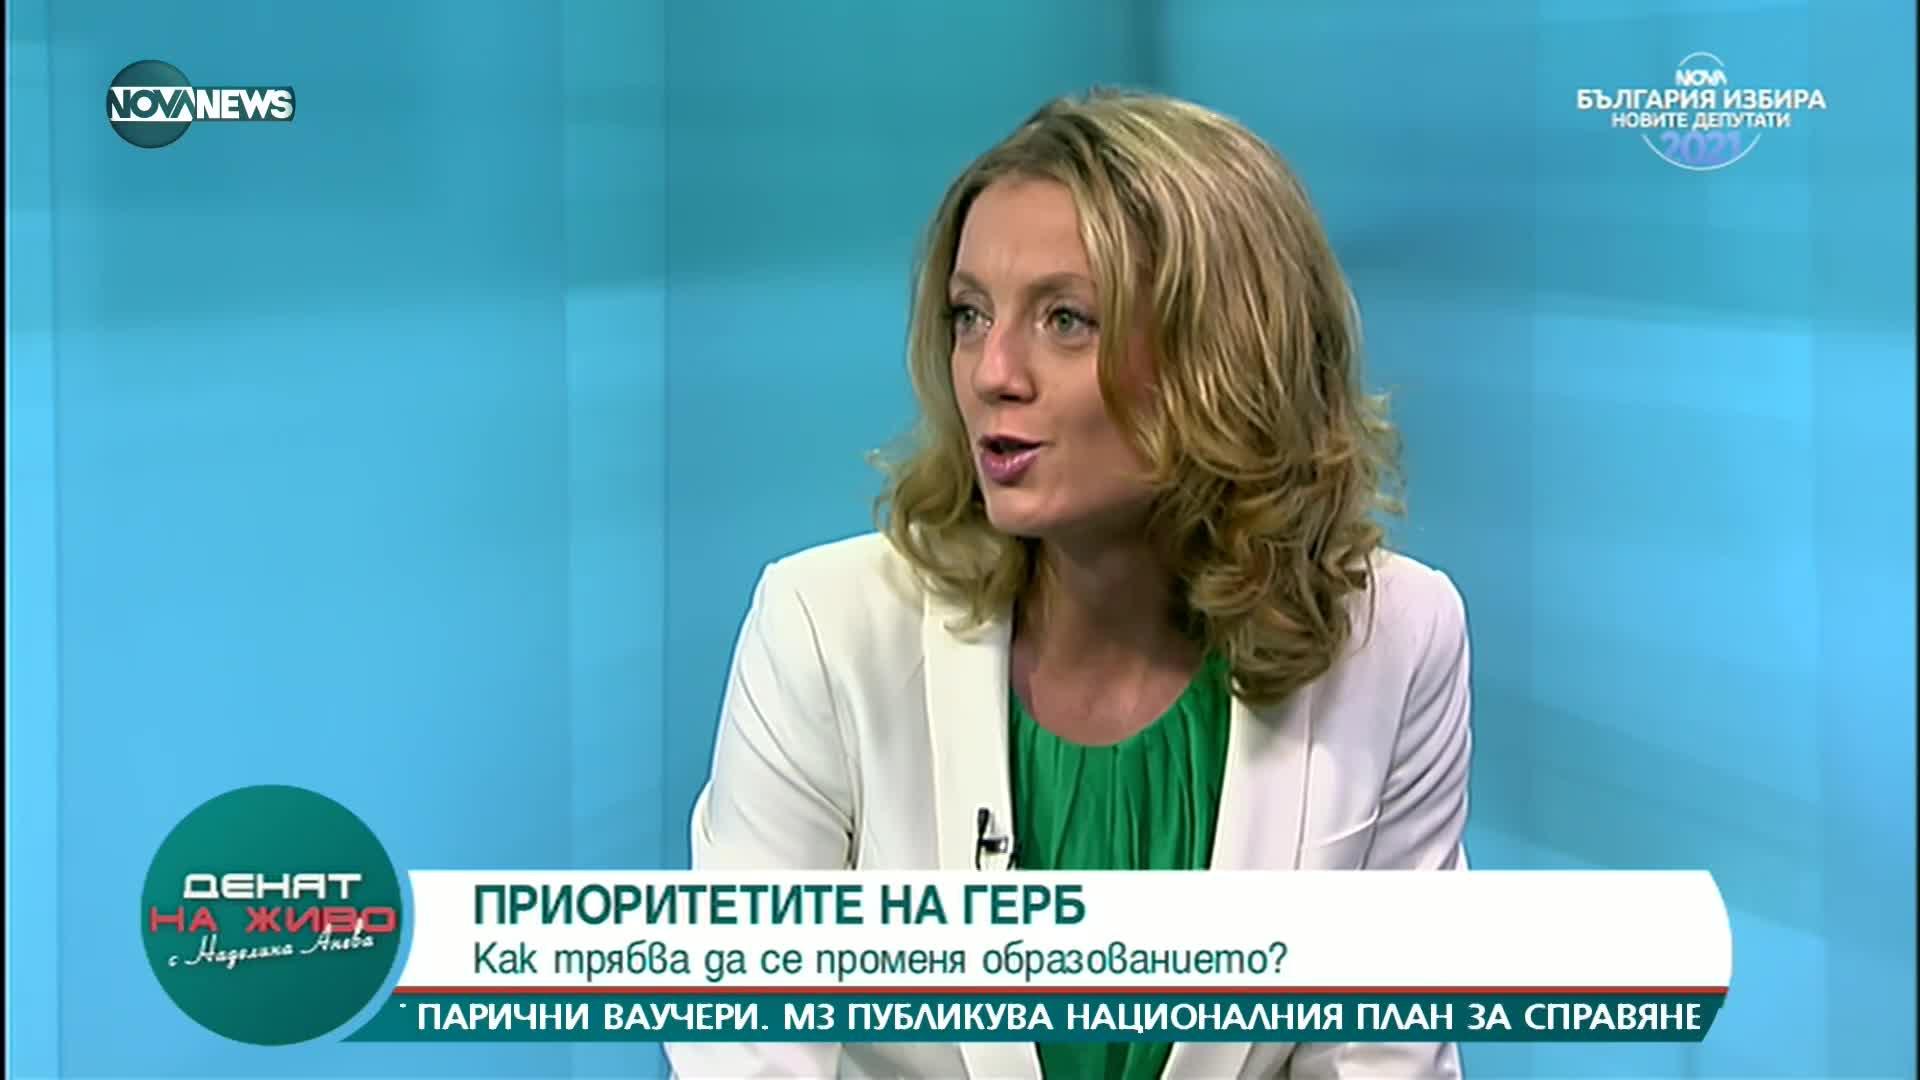 Милена Дамянова: Дигитализацията в образованието вече стартира при нас